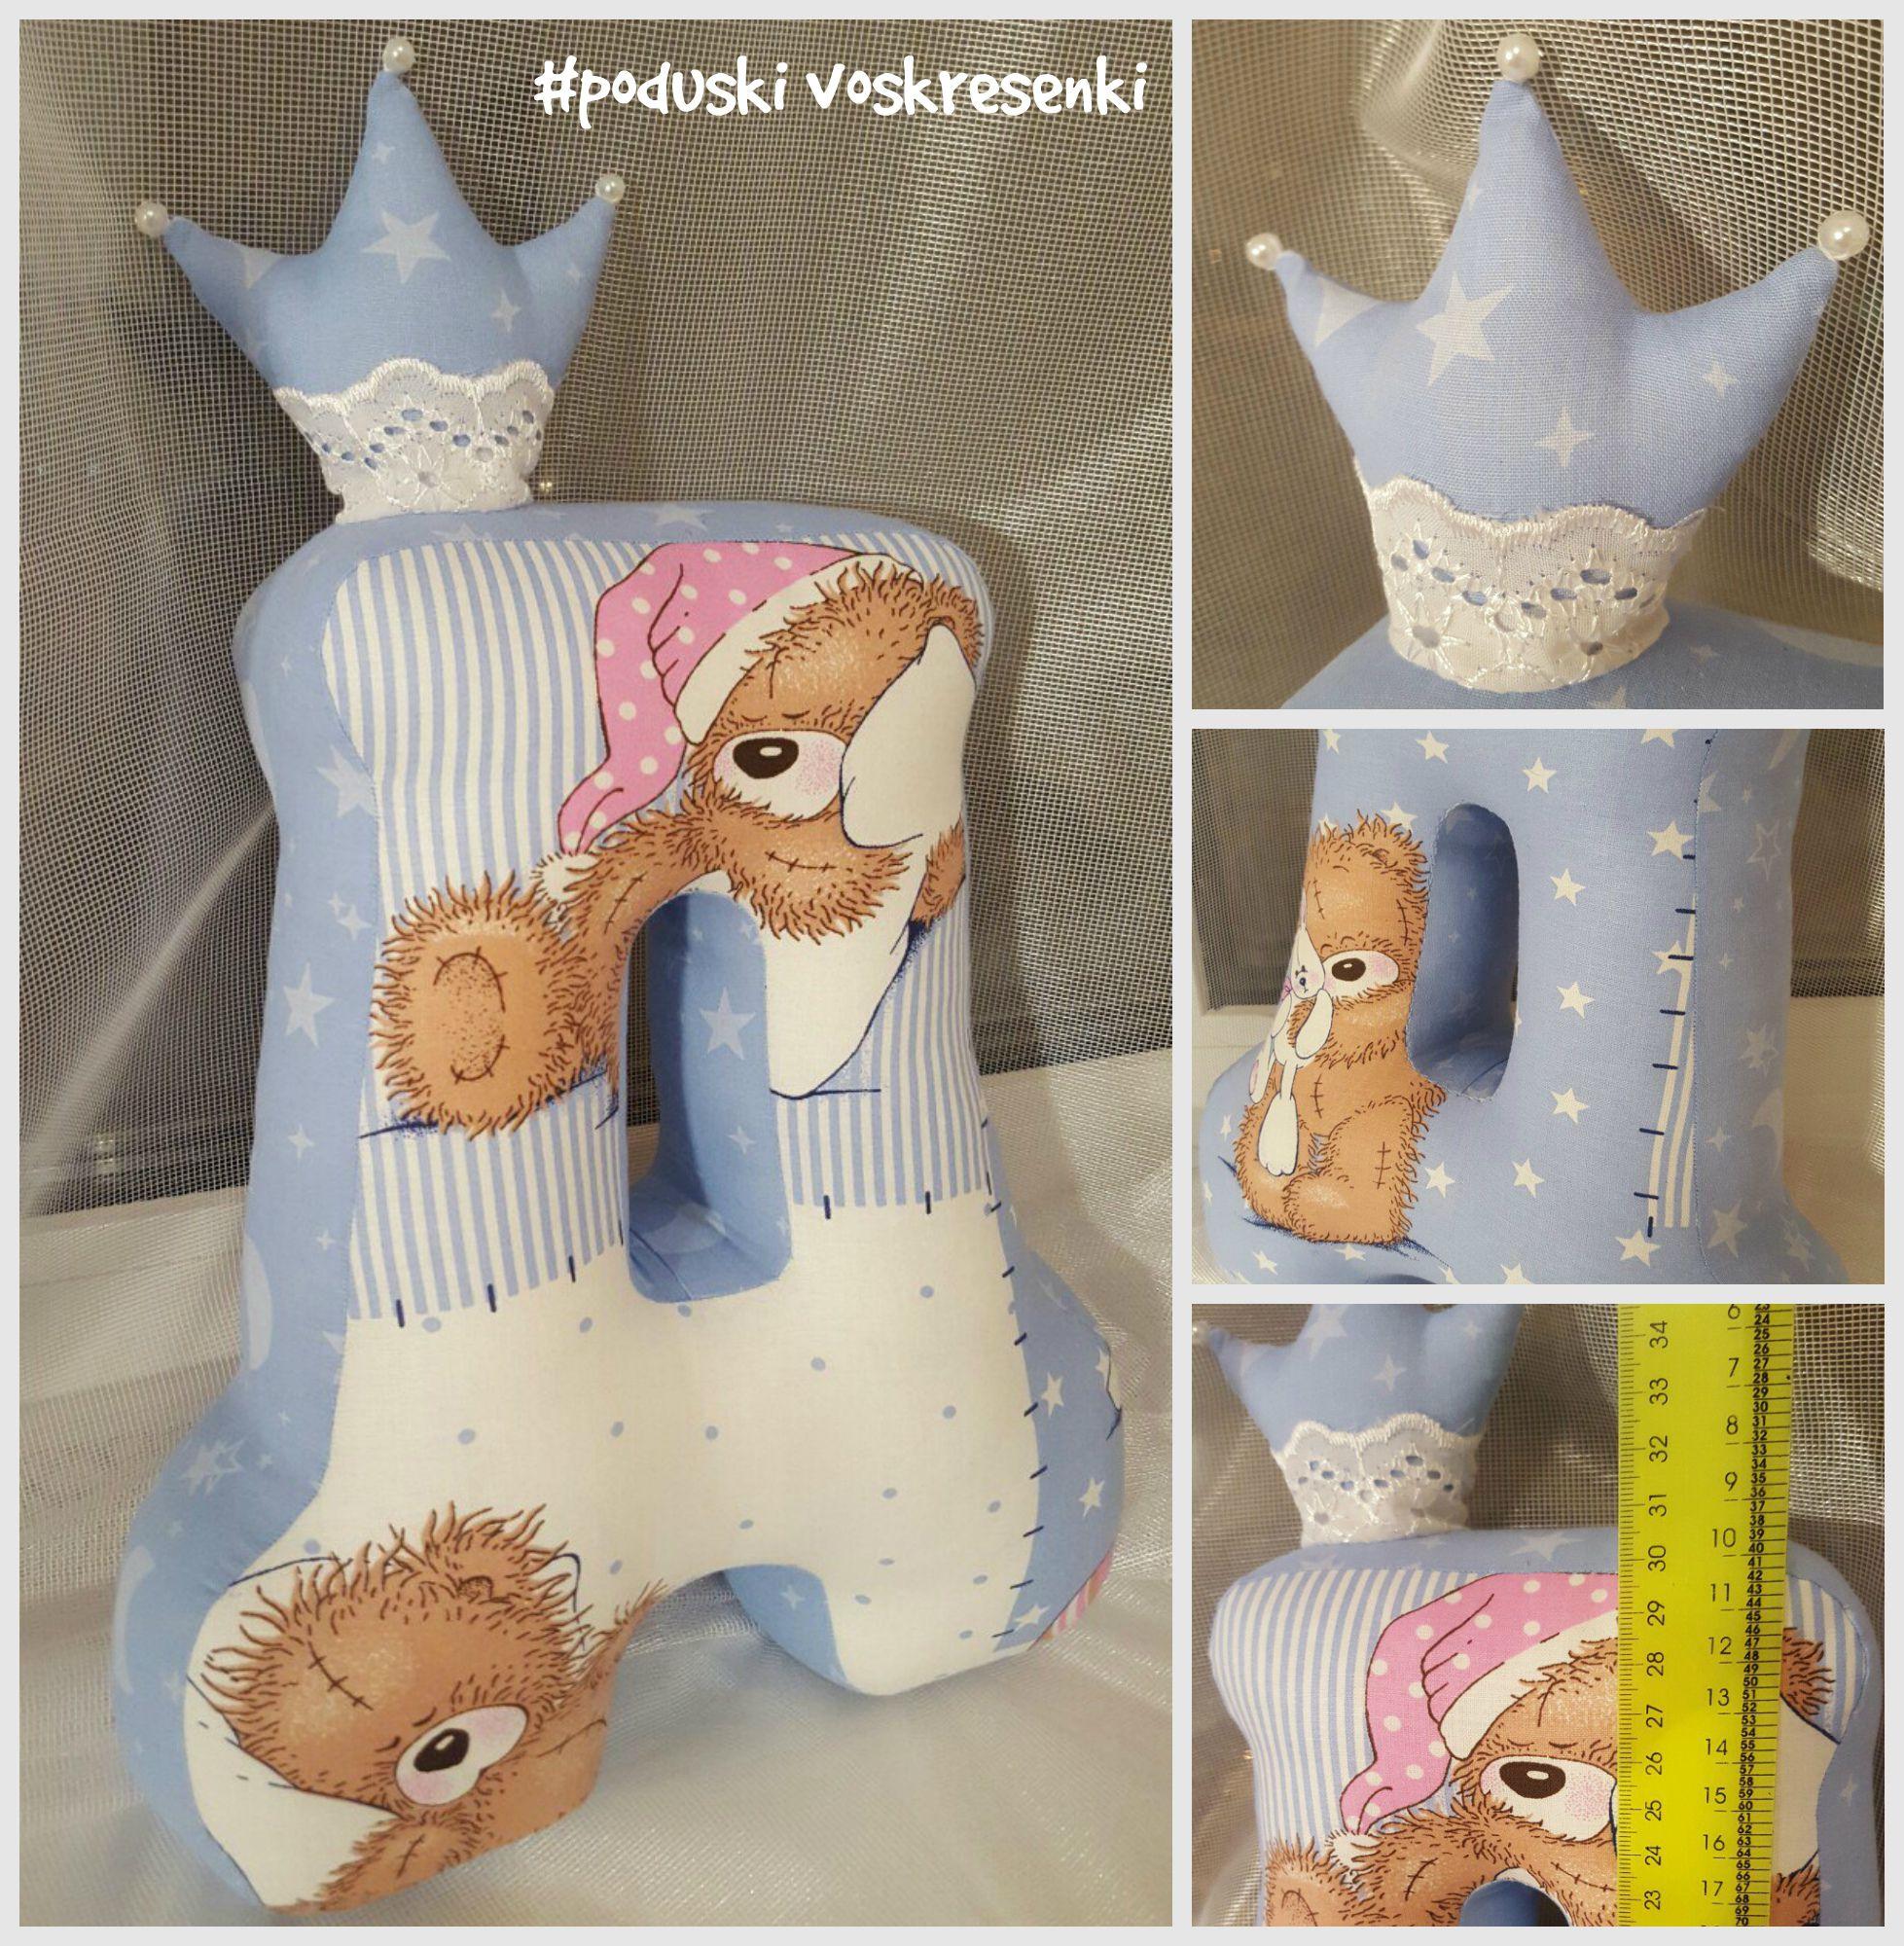 именины букваподушка рождения подушка игрушка имя день буква февраля 14 подарок